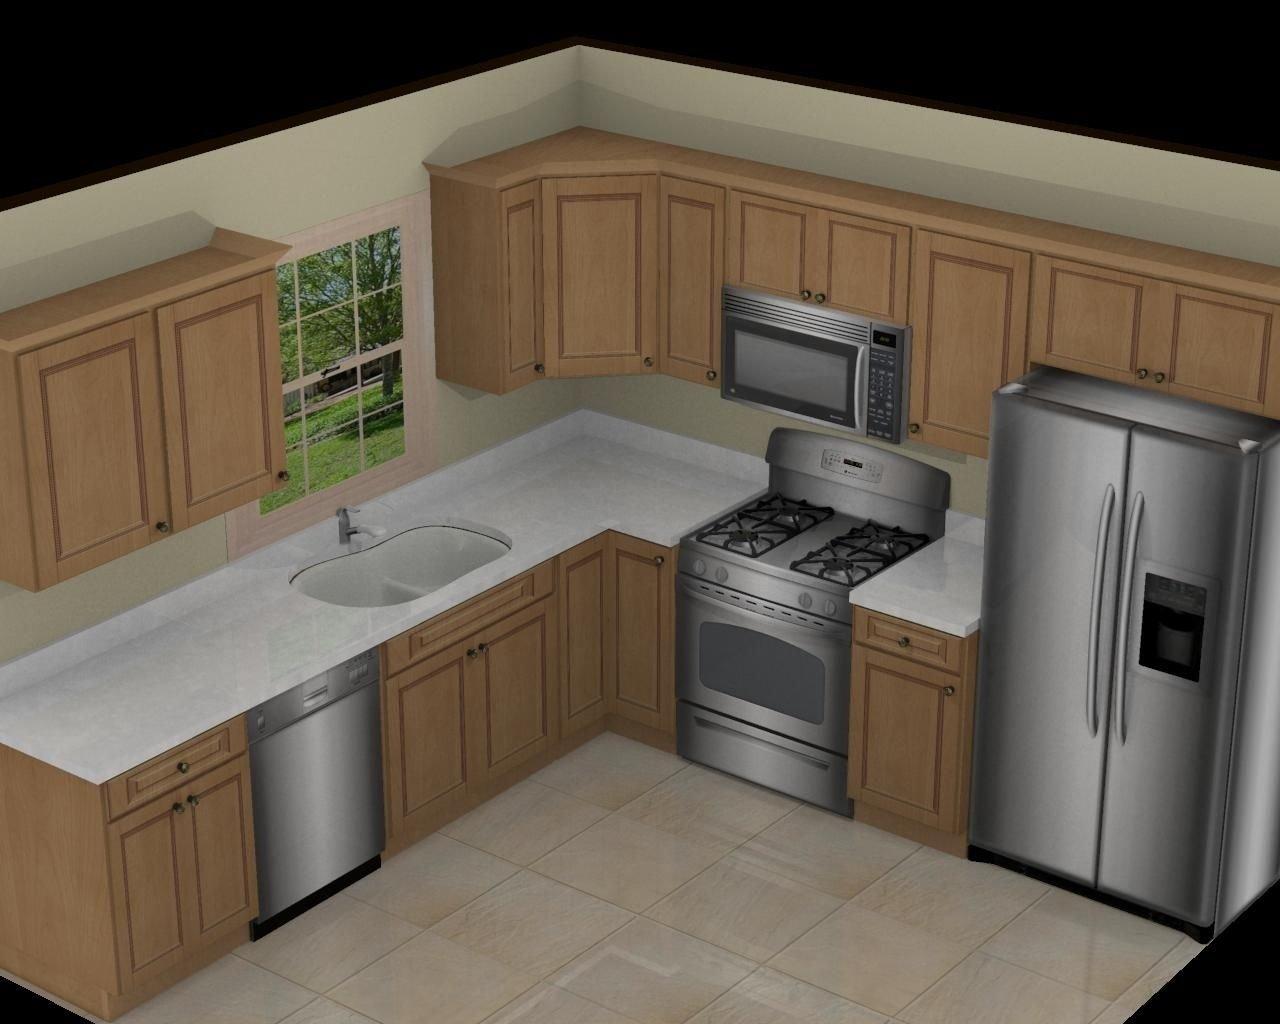 10 Pretty L Shaped Kitchen Design Ideas l shaped kitchen designs ideas for your beloved home kitchen 2020